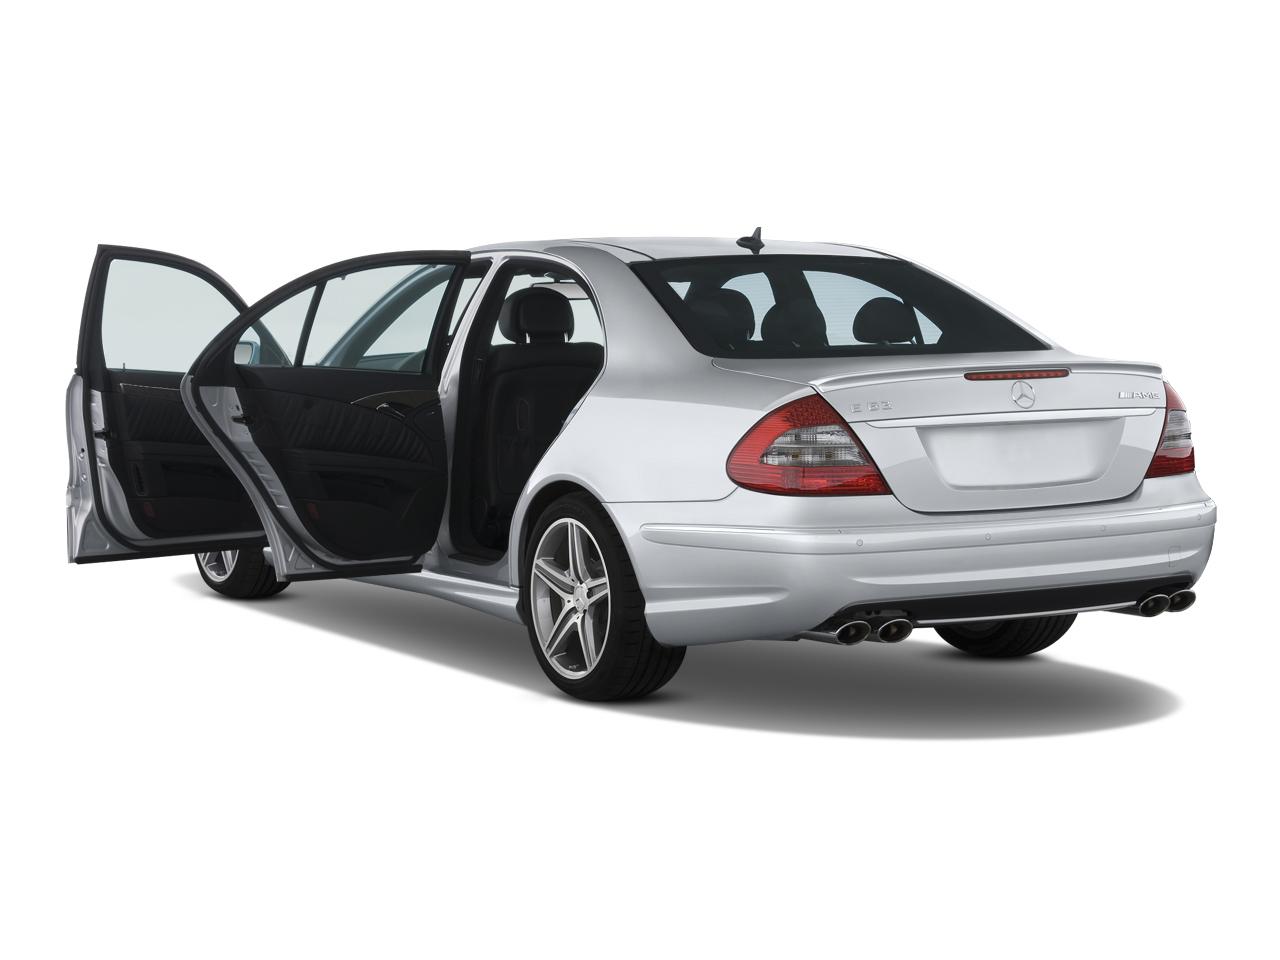 2009 mercedes benz e320 bluetec fuel efficient cars for 2009 mercedes benz e320 bluetec for sale